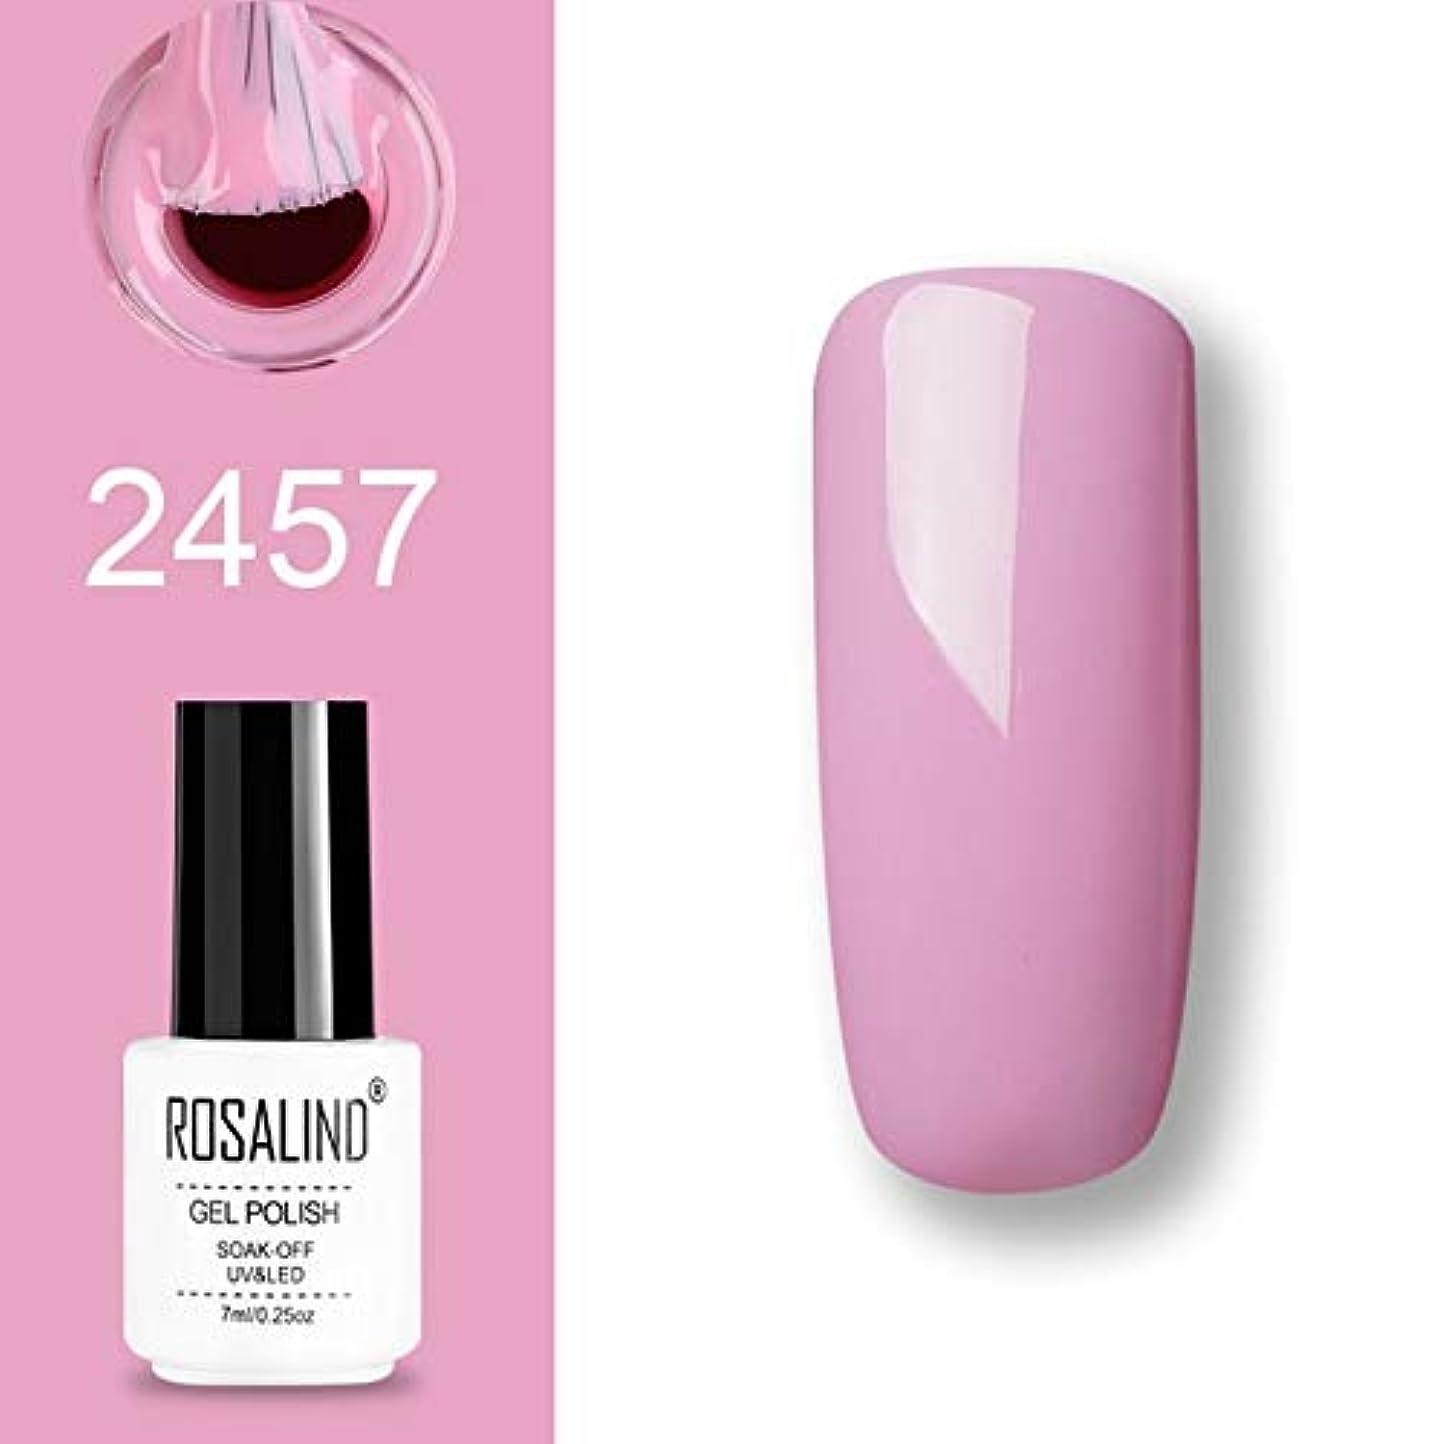 帰るつらい錆びファッションアイテム ROSALINDジェルポリッシュセットUVセミパーマネントプライマートップコートポリジェルニスネイルアートマニキュアジェル、ピンク、容量:7ml 2457。 環境に優しいマニキュア